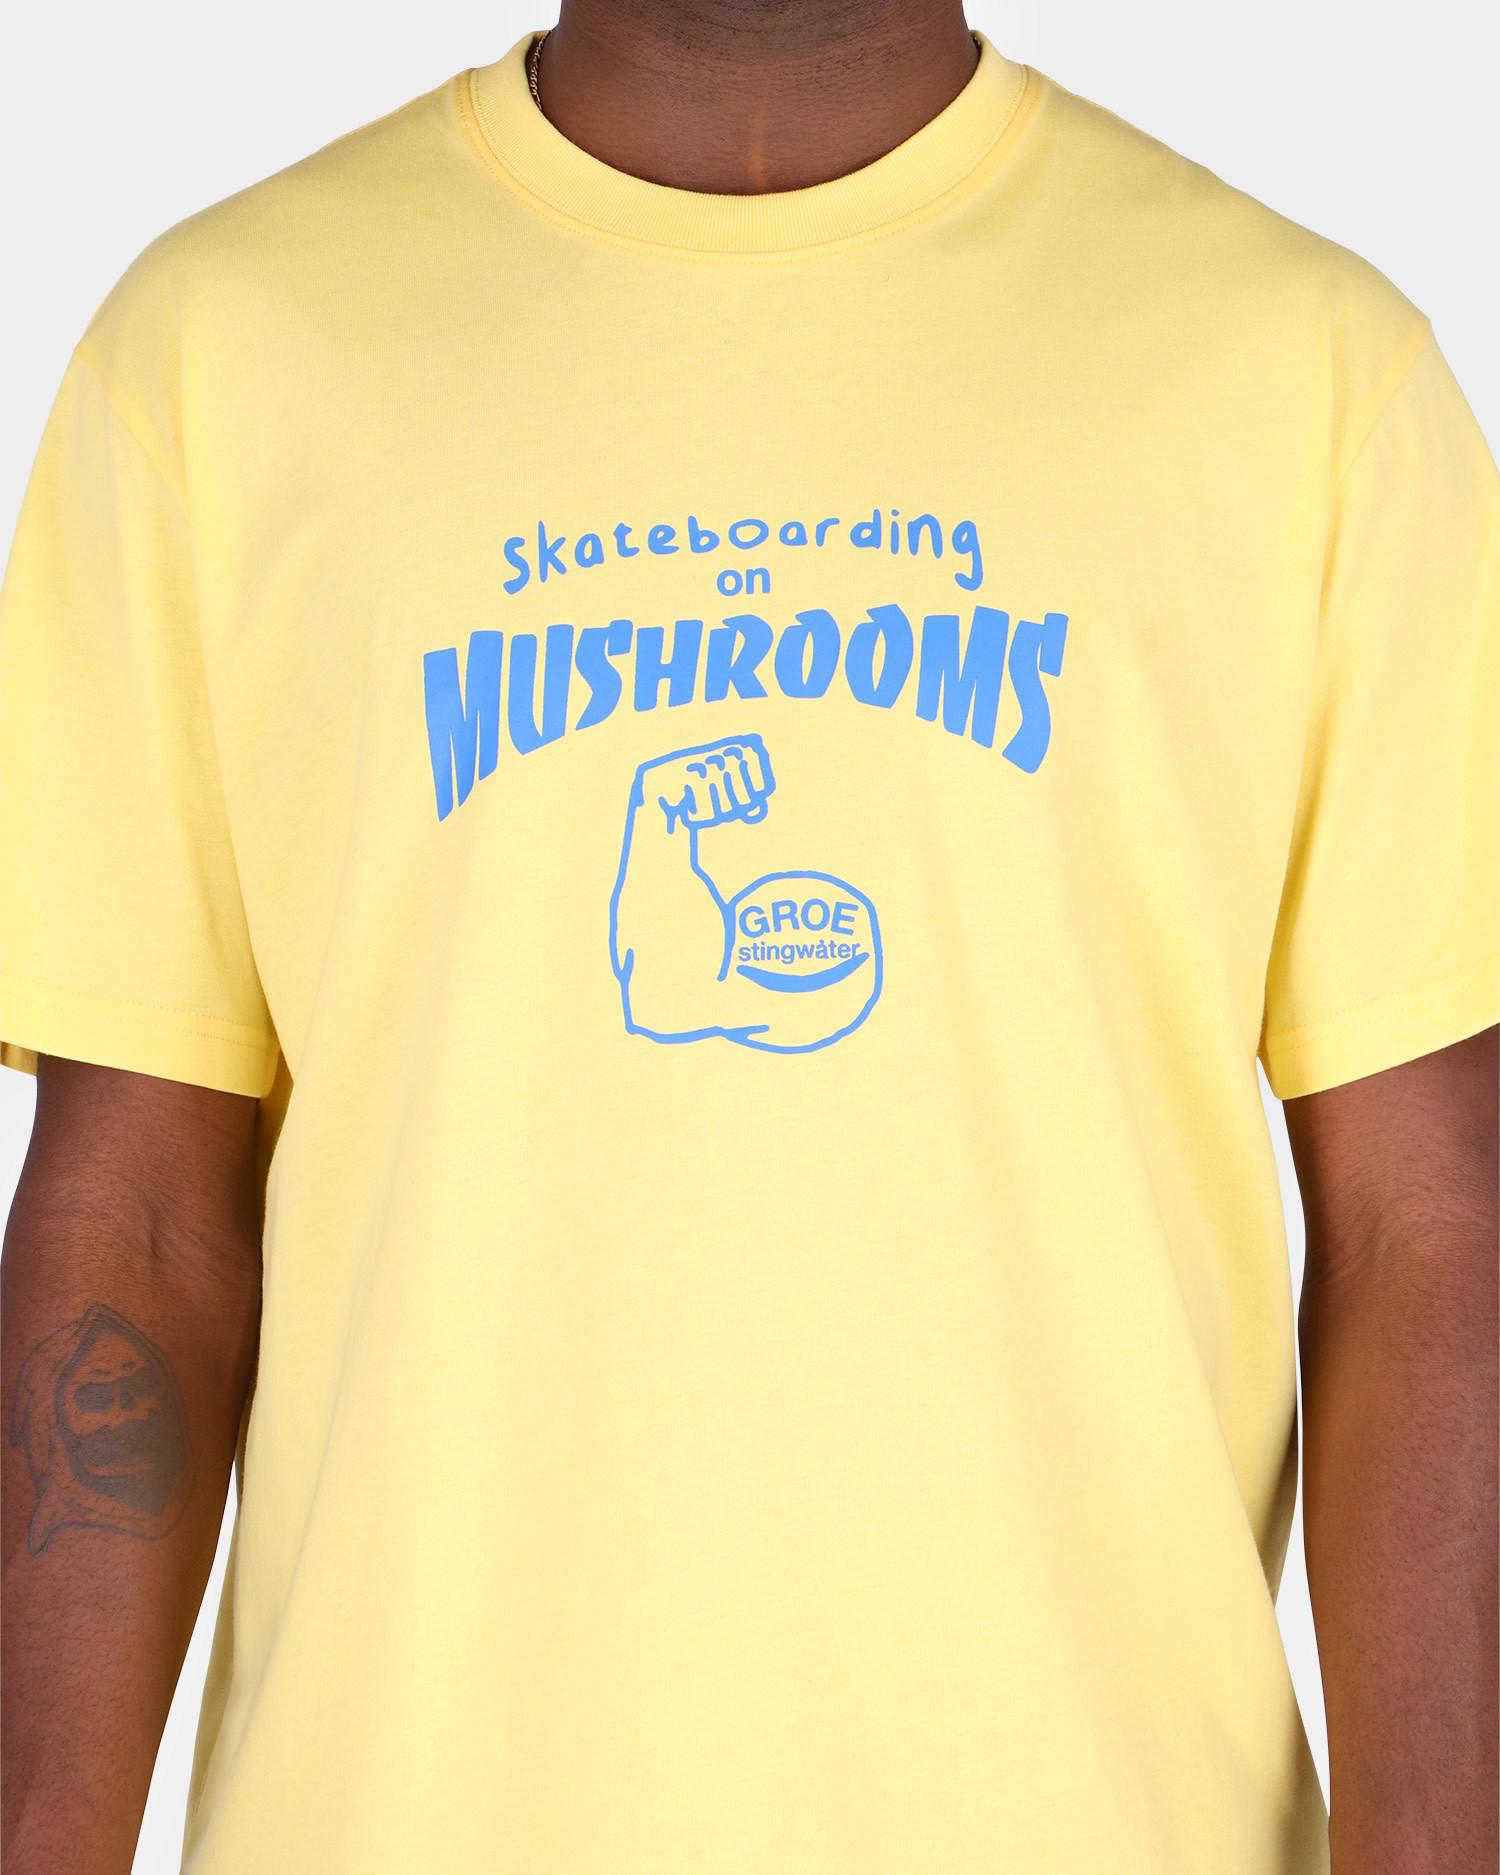 Stingwater Skateboarding On Mushrooms T-Shirt Vegan Butter